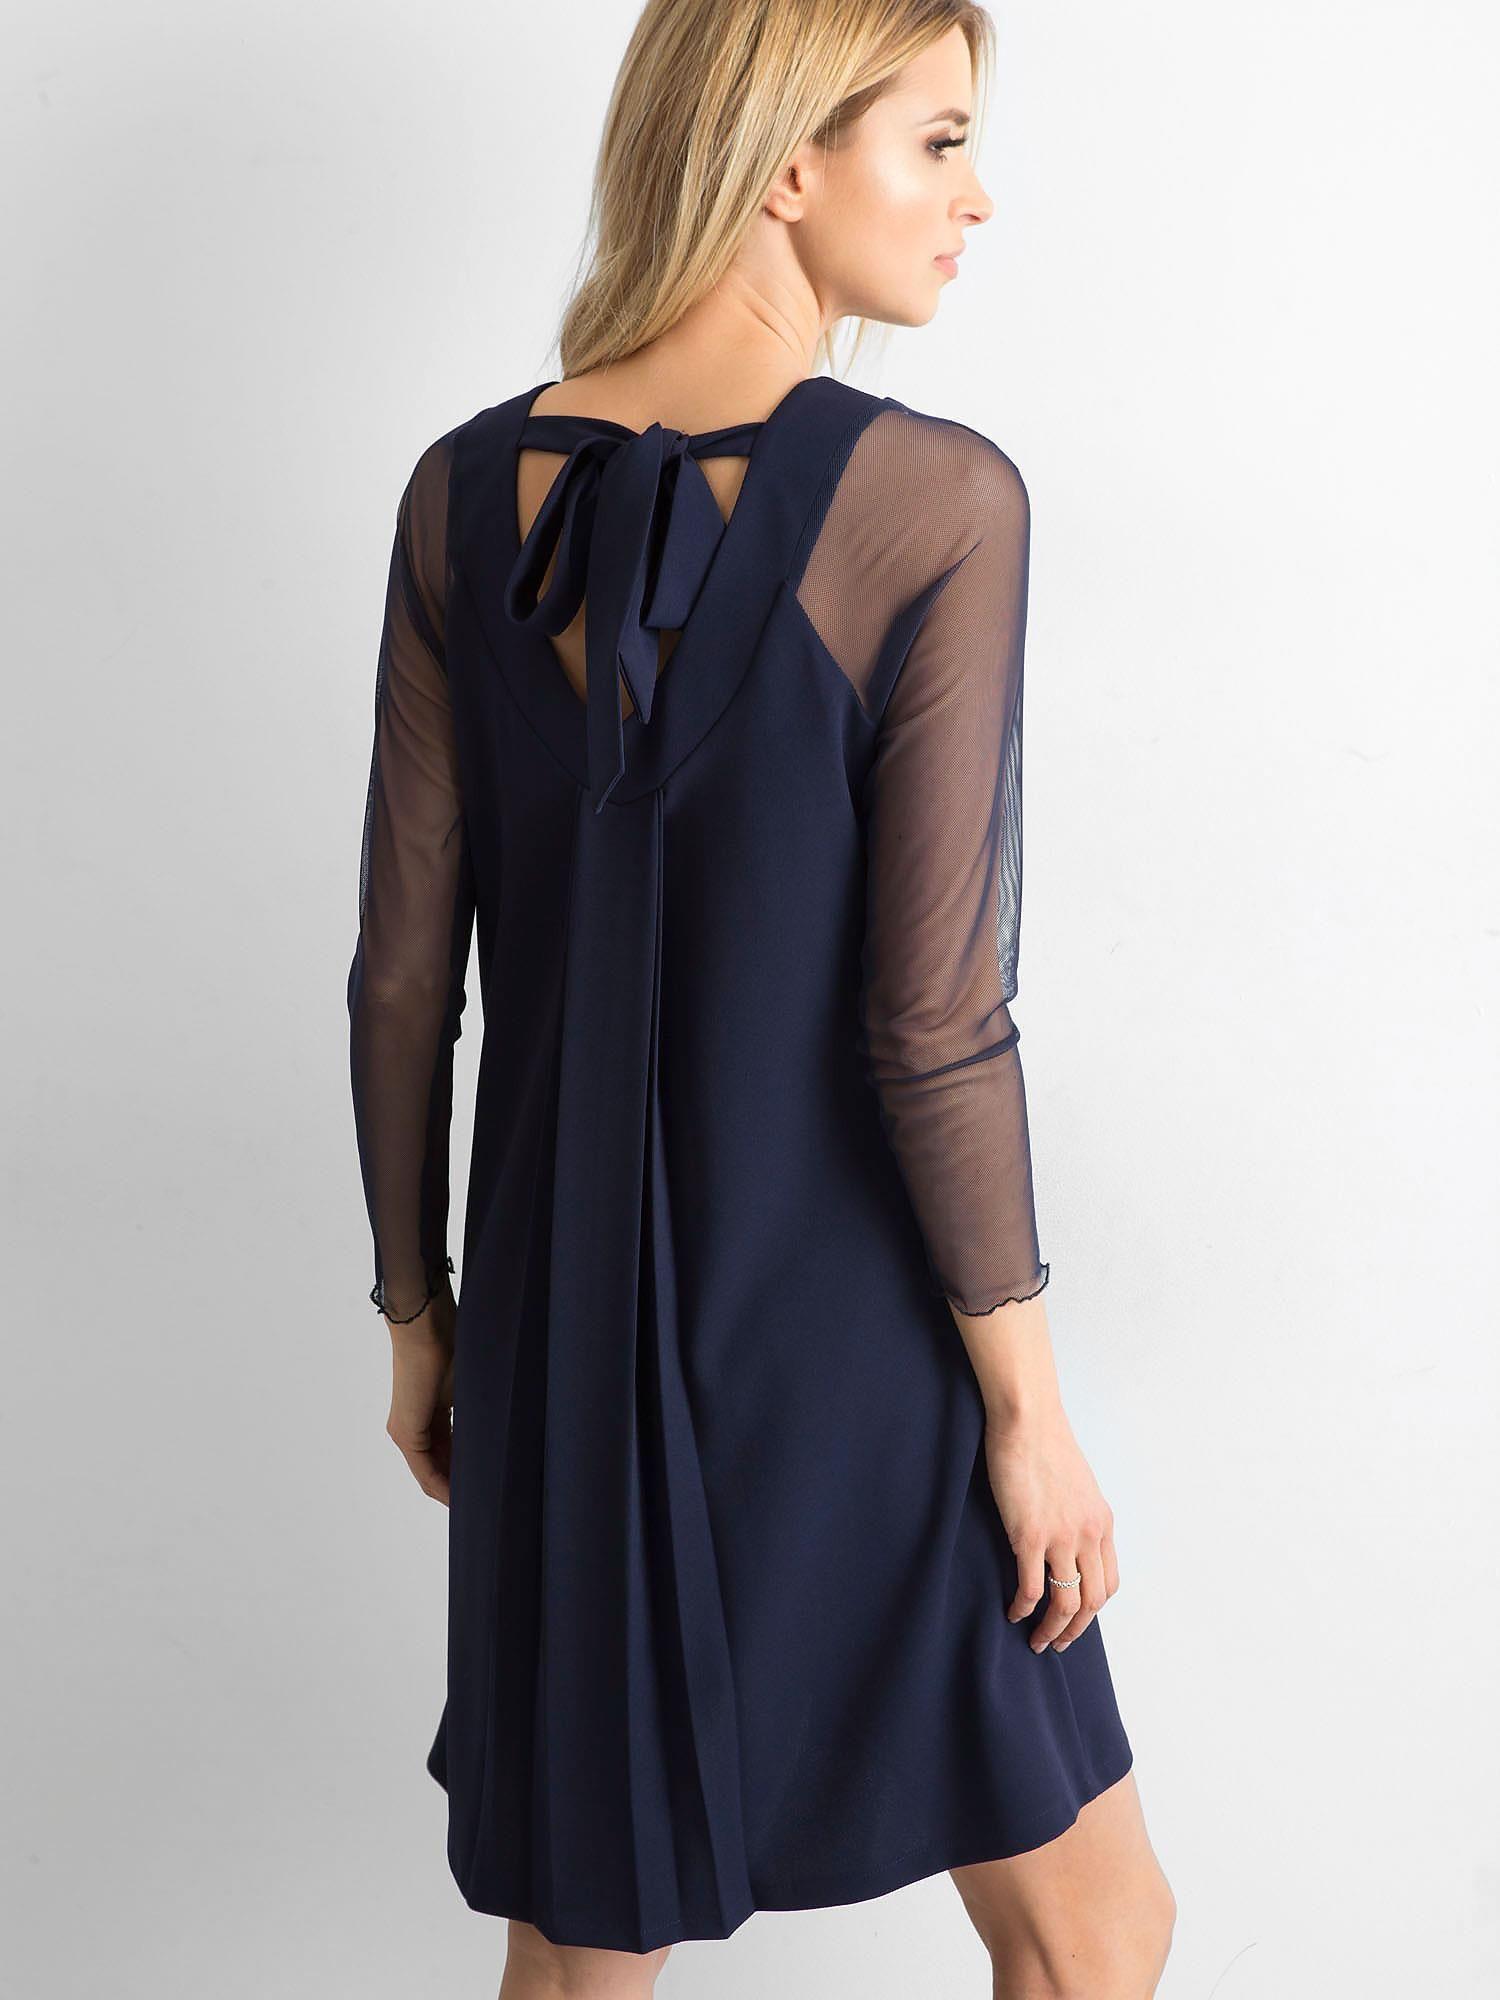 b10dbc416b Granatowa sukienka z wiązaniem na plecach - Sukienka koktajlowa - sklep  eButik.pl